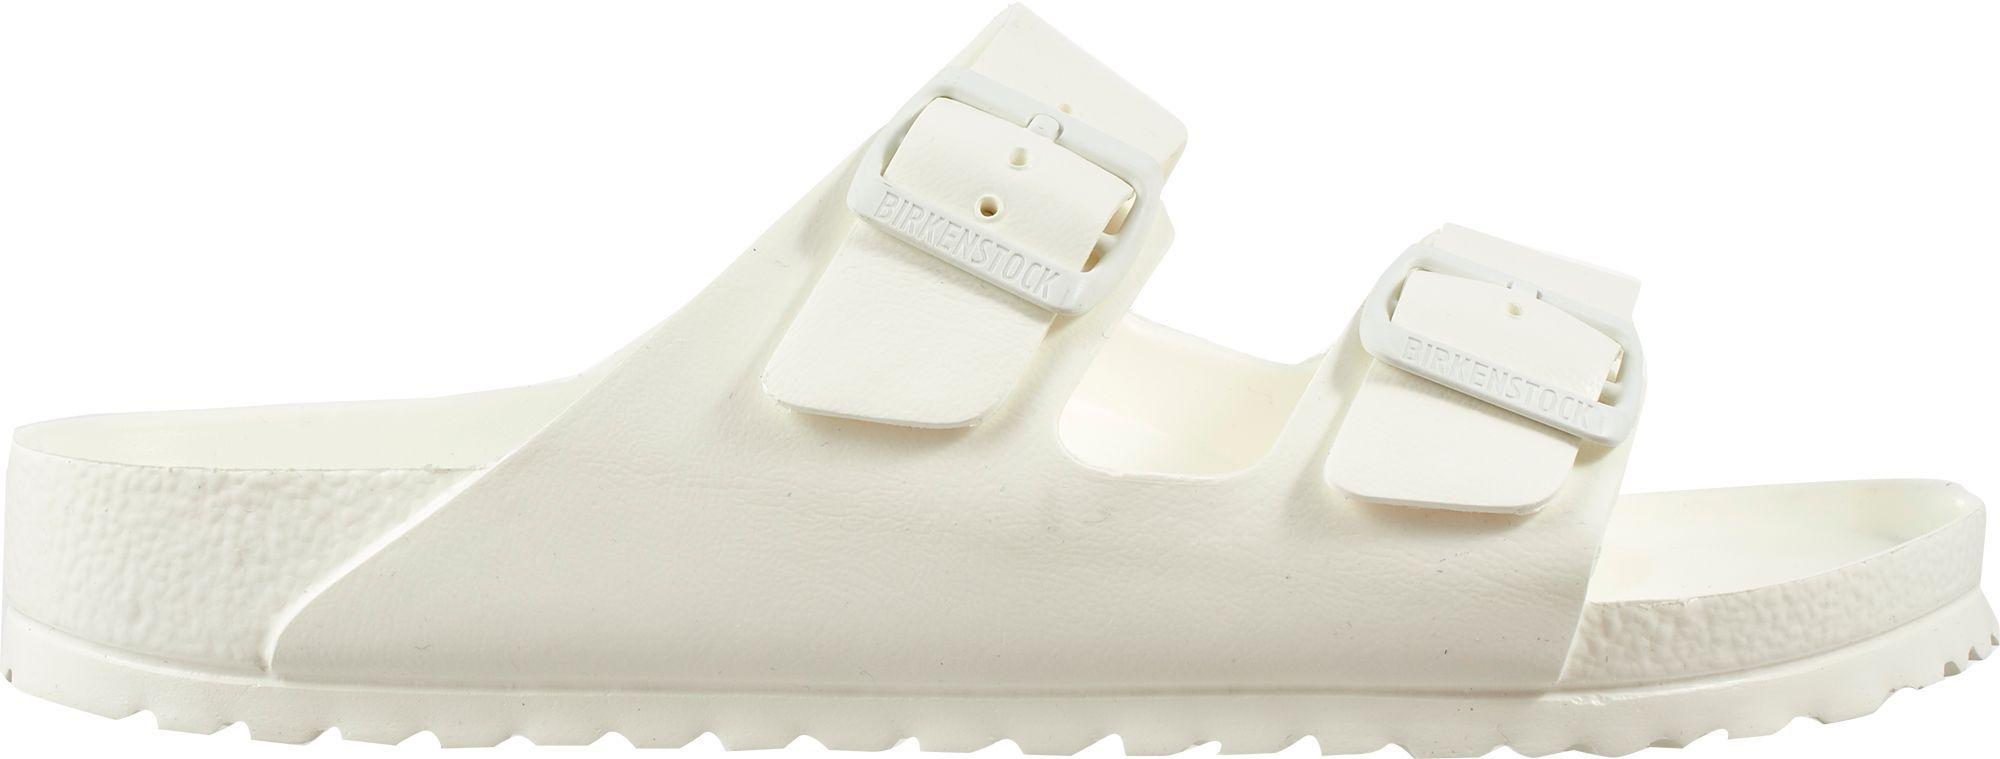 37b64918fca Birkenstock Women s Arizona Essentials EVA Sandals